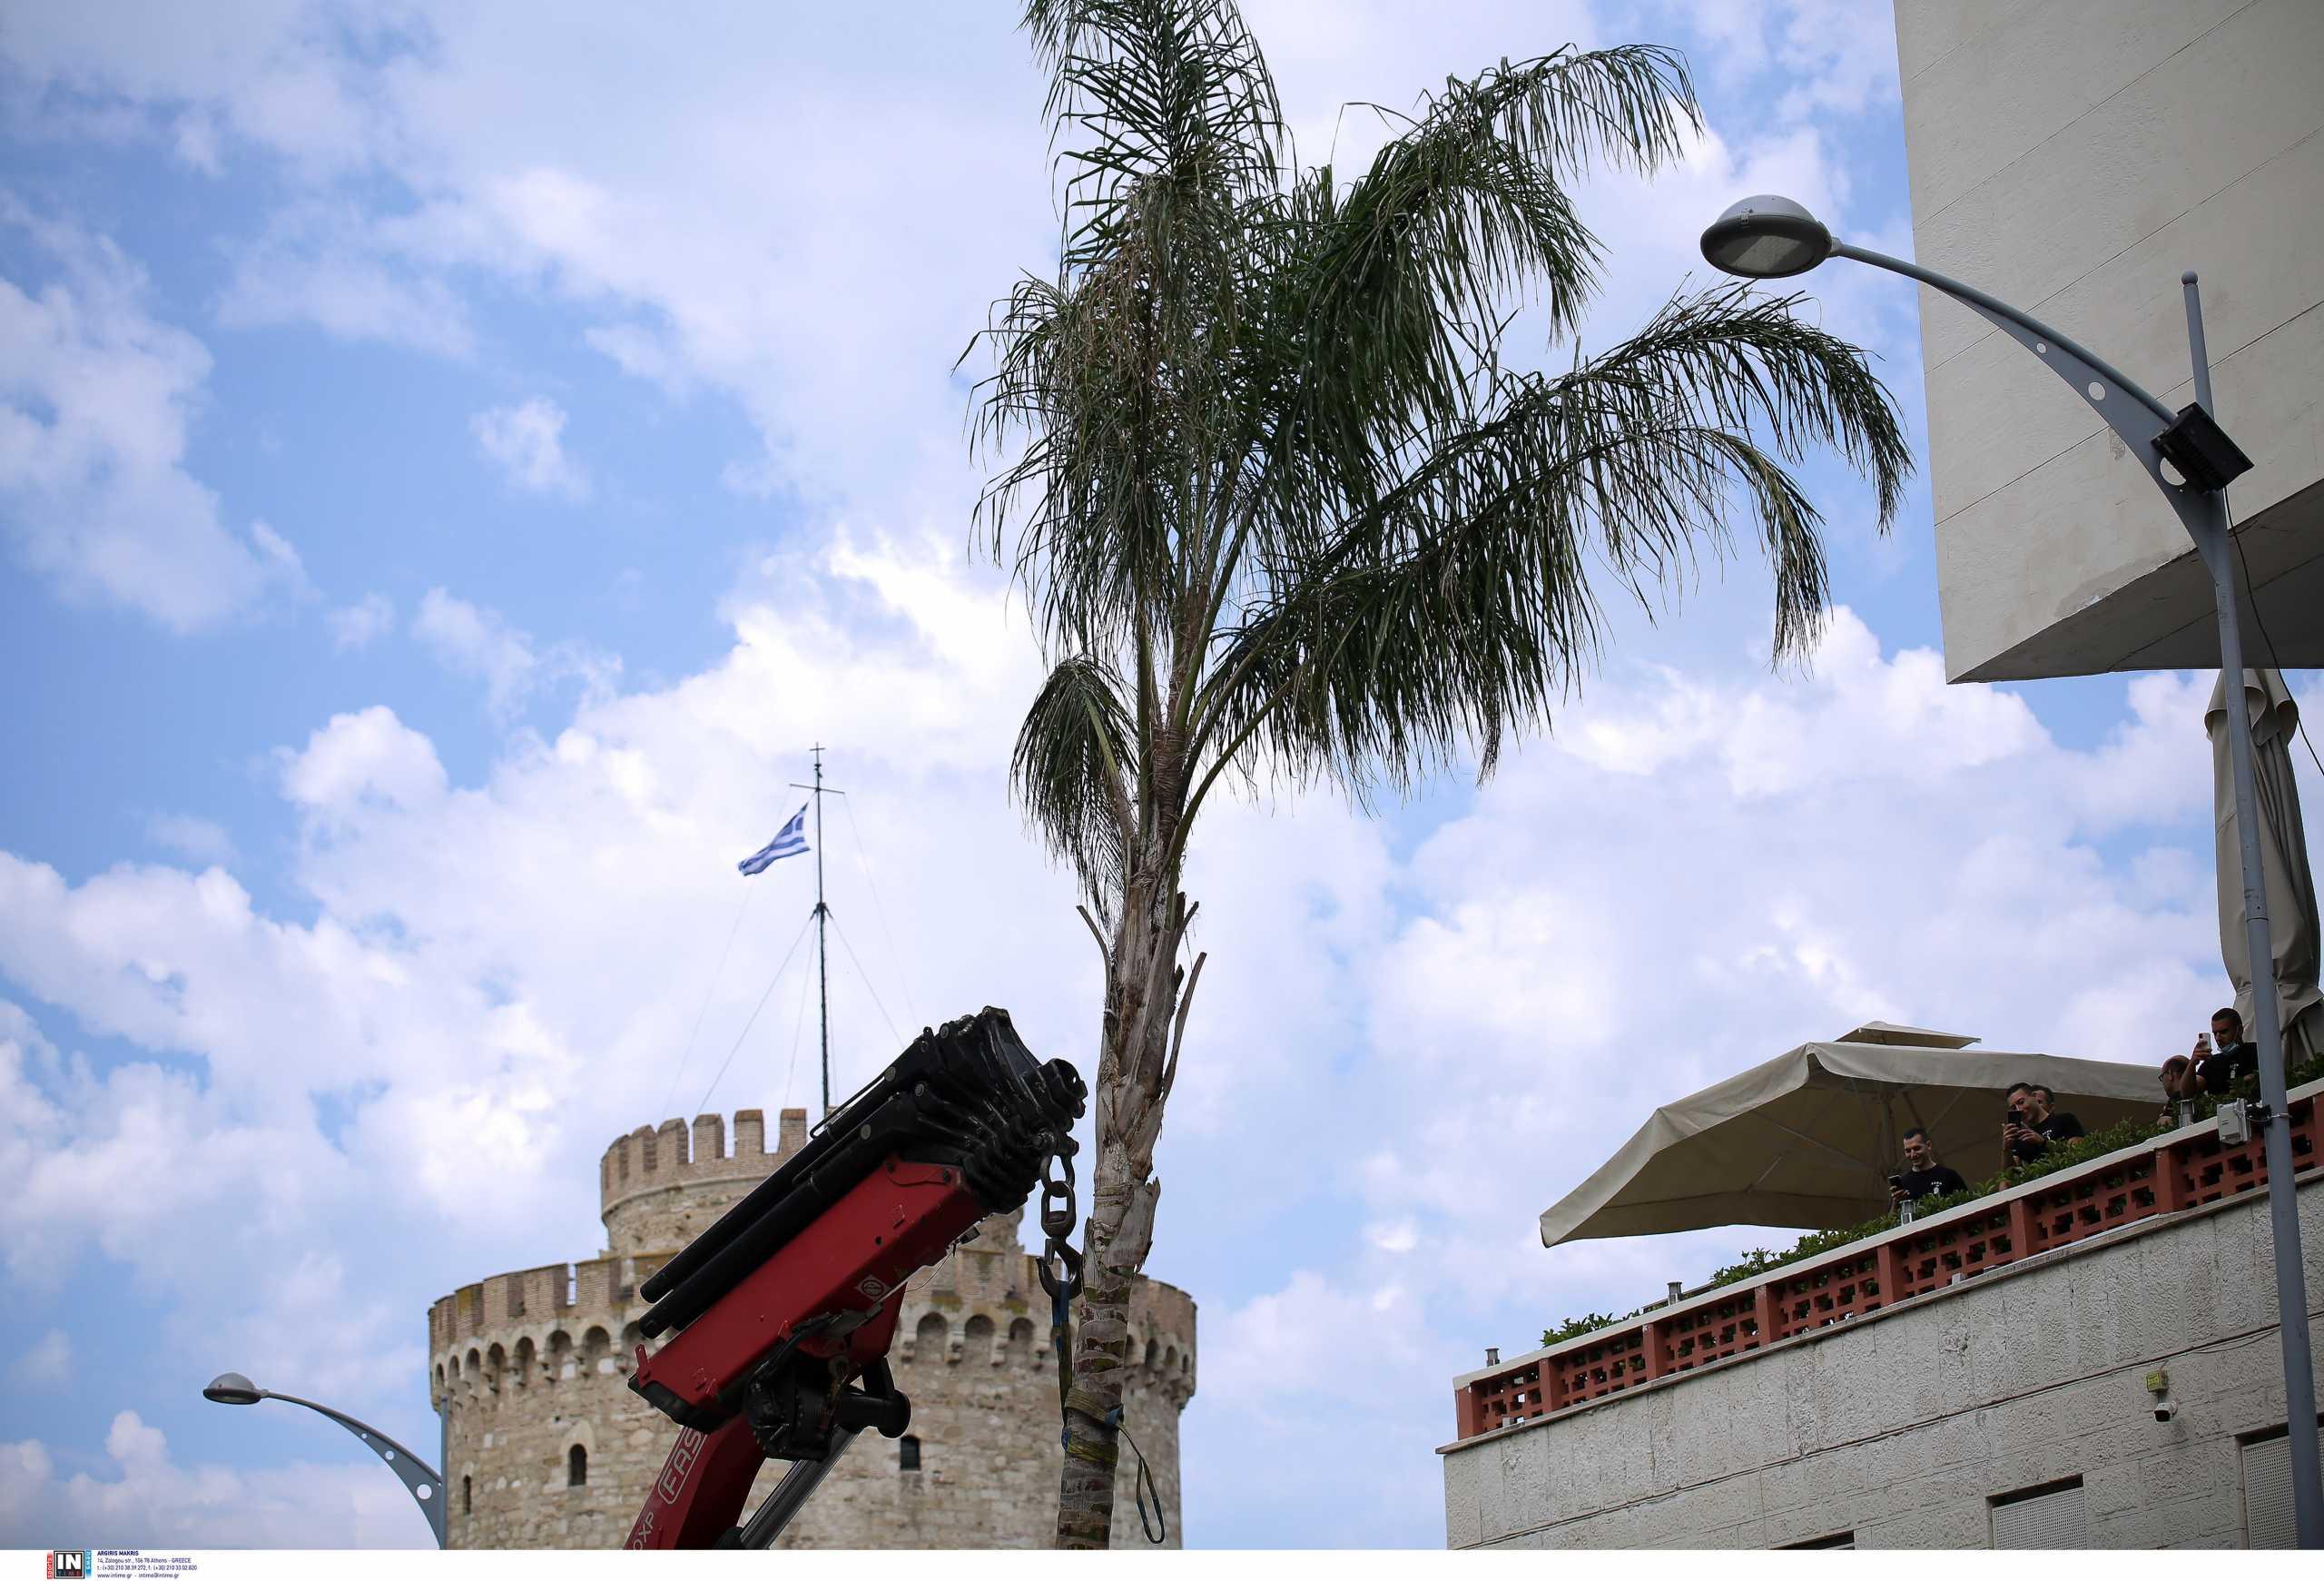 Αντόνιο Μπαντέρας-Γυρίσματα στη Θεσσαλονίκη: Δείτε τη σκηνή με τους δεκάδες κομπάρσους που ξαφνικά αρχίζουν να κινούνται